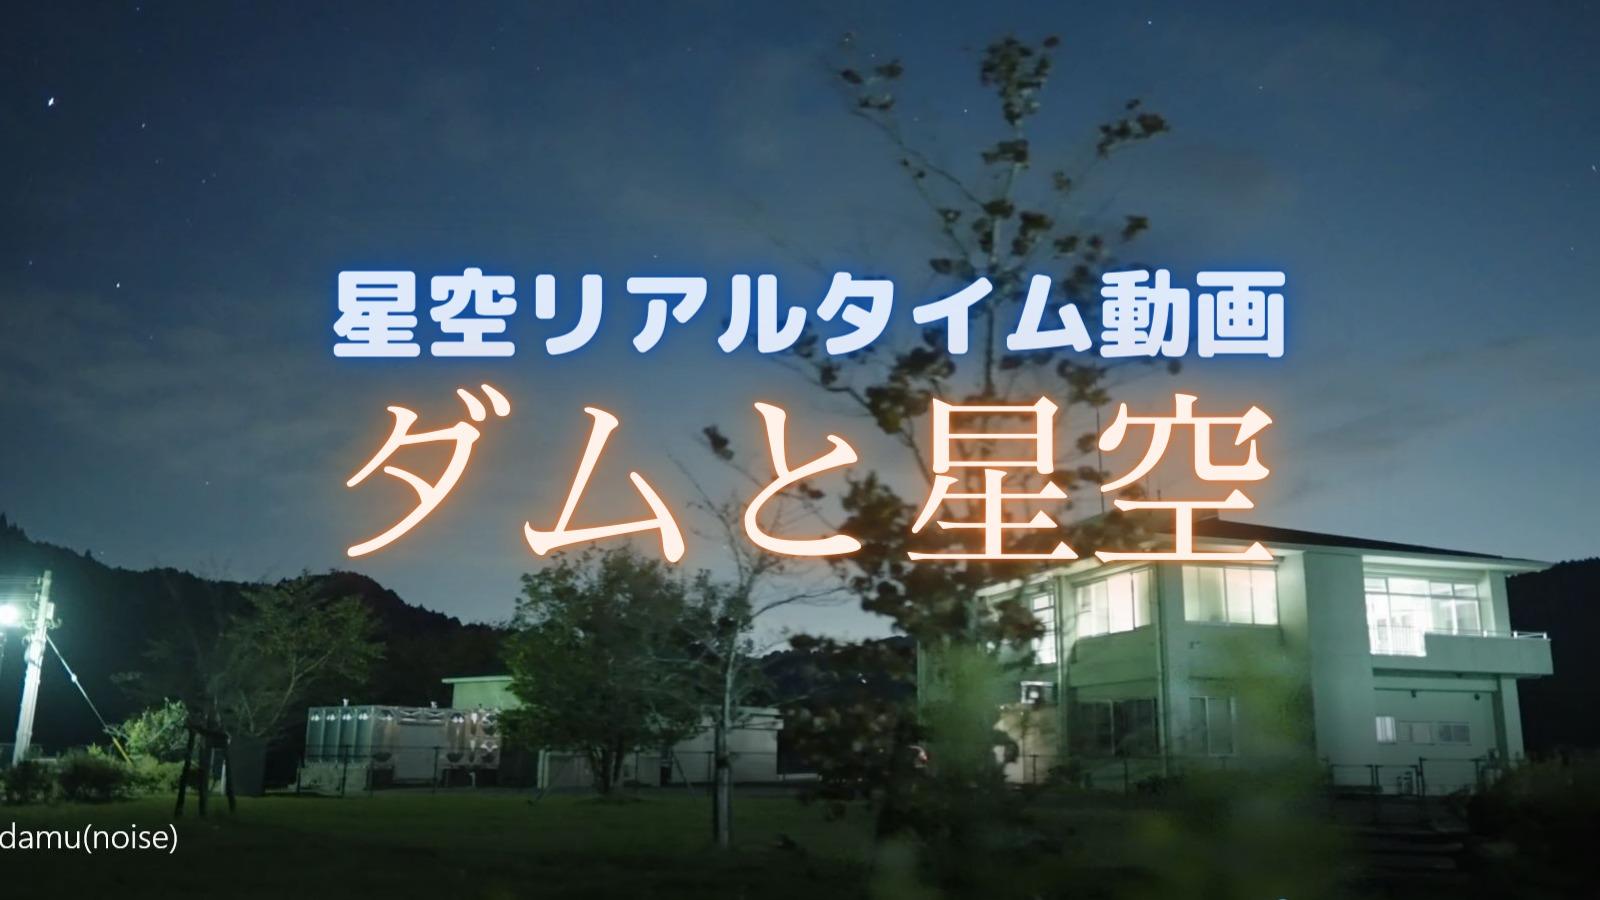 【星空リアルタイム動画】上津ダムの星空【α7SIII】